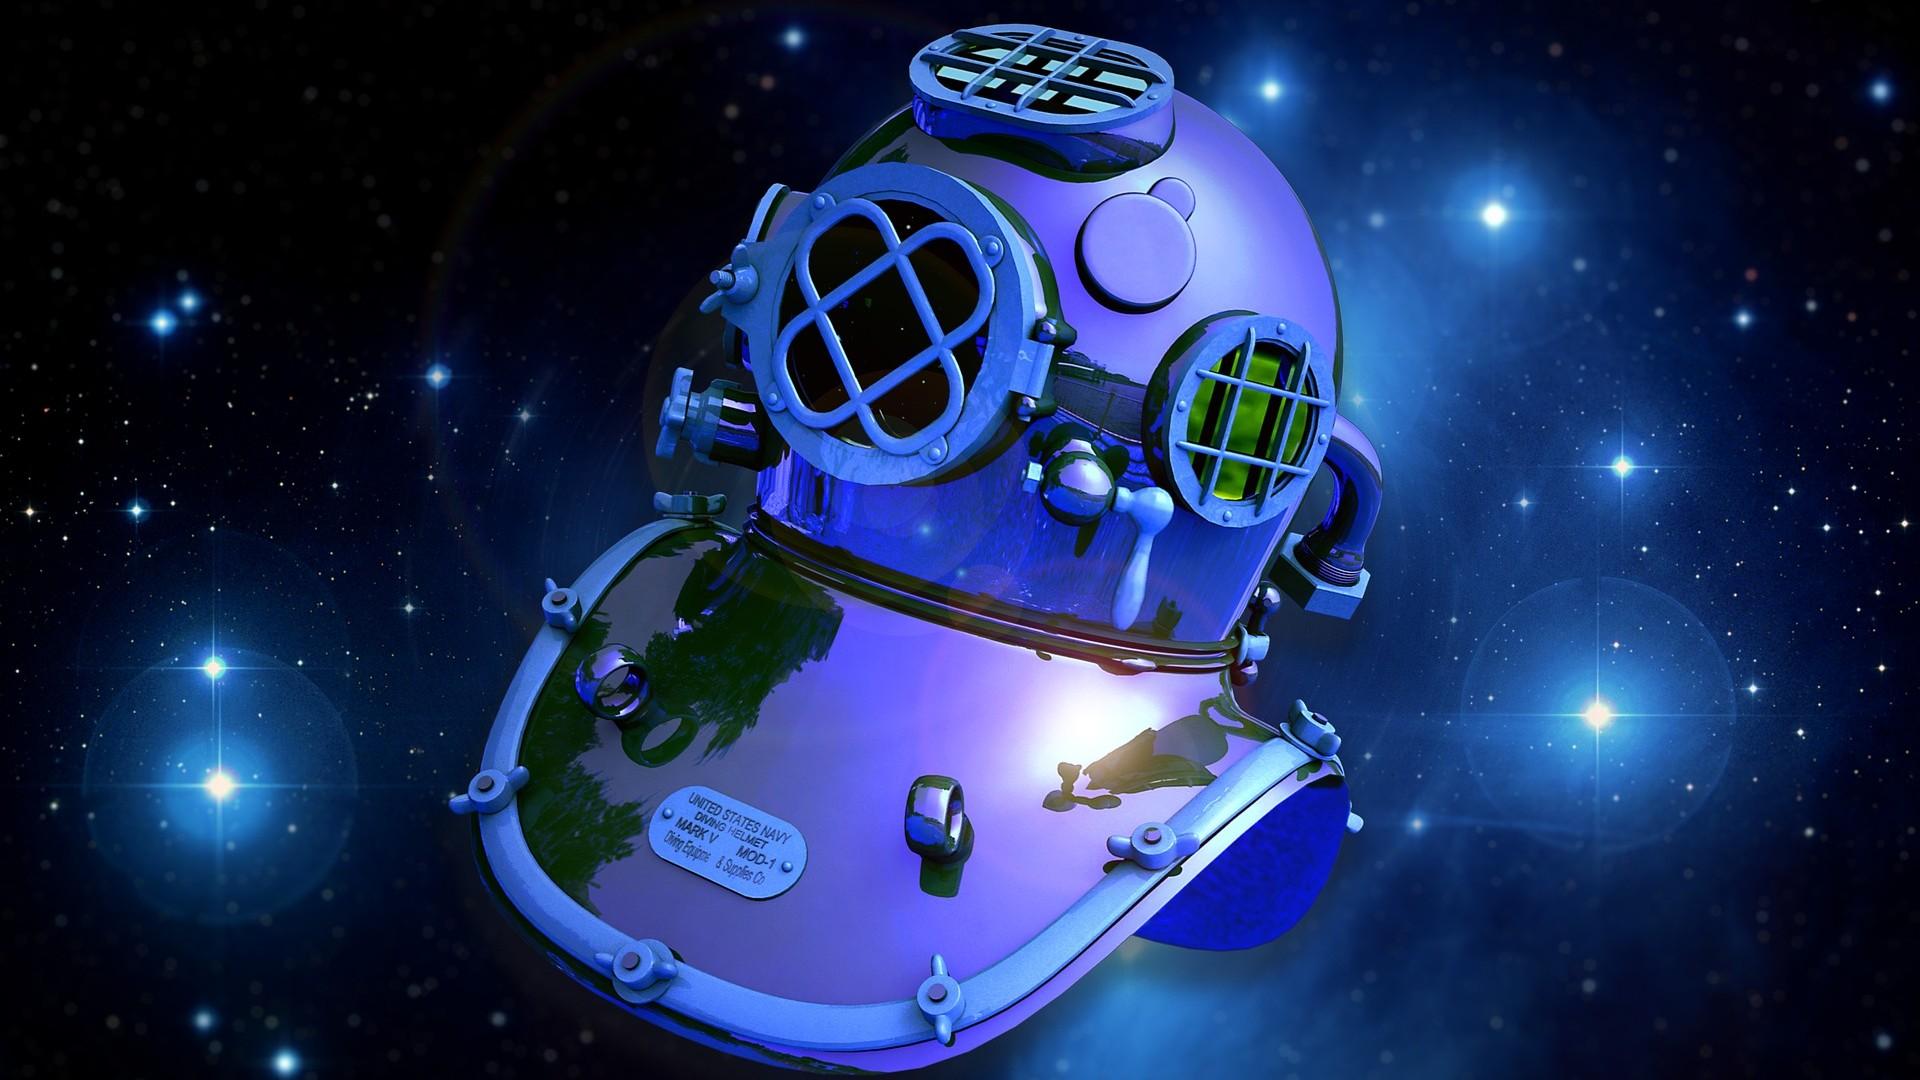 Astronaut helmet wallpaper